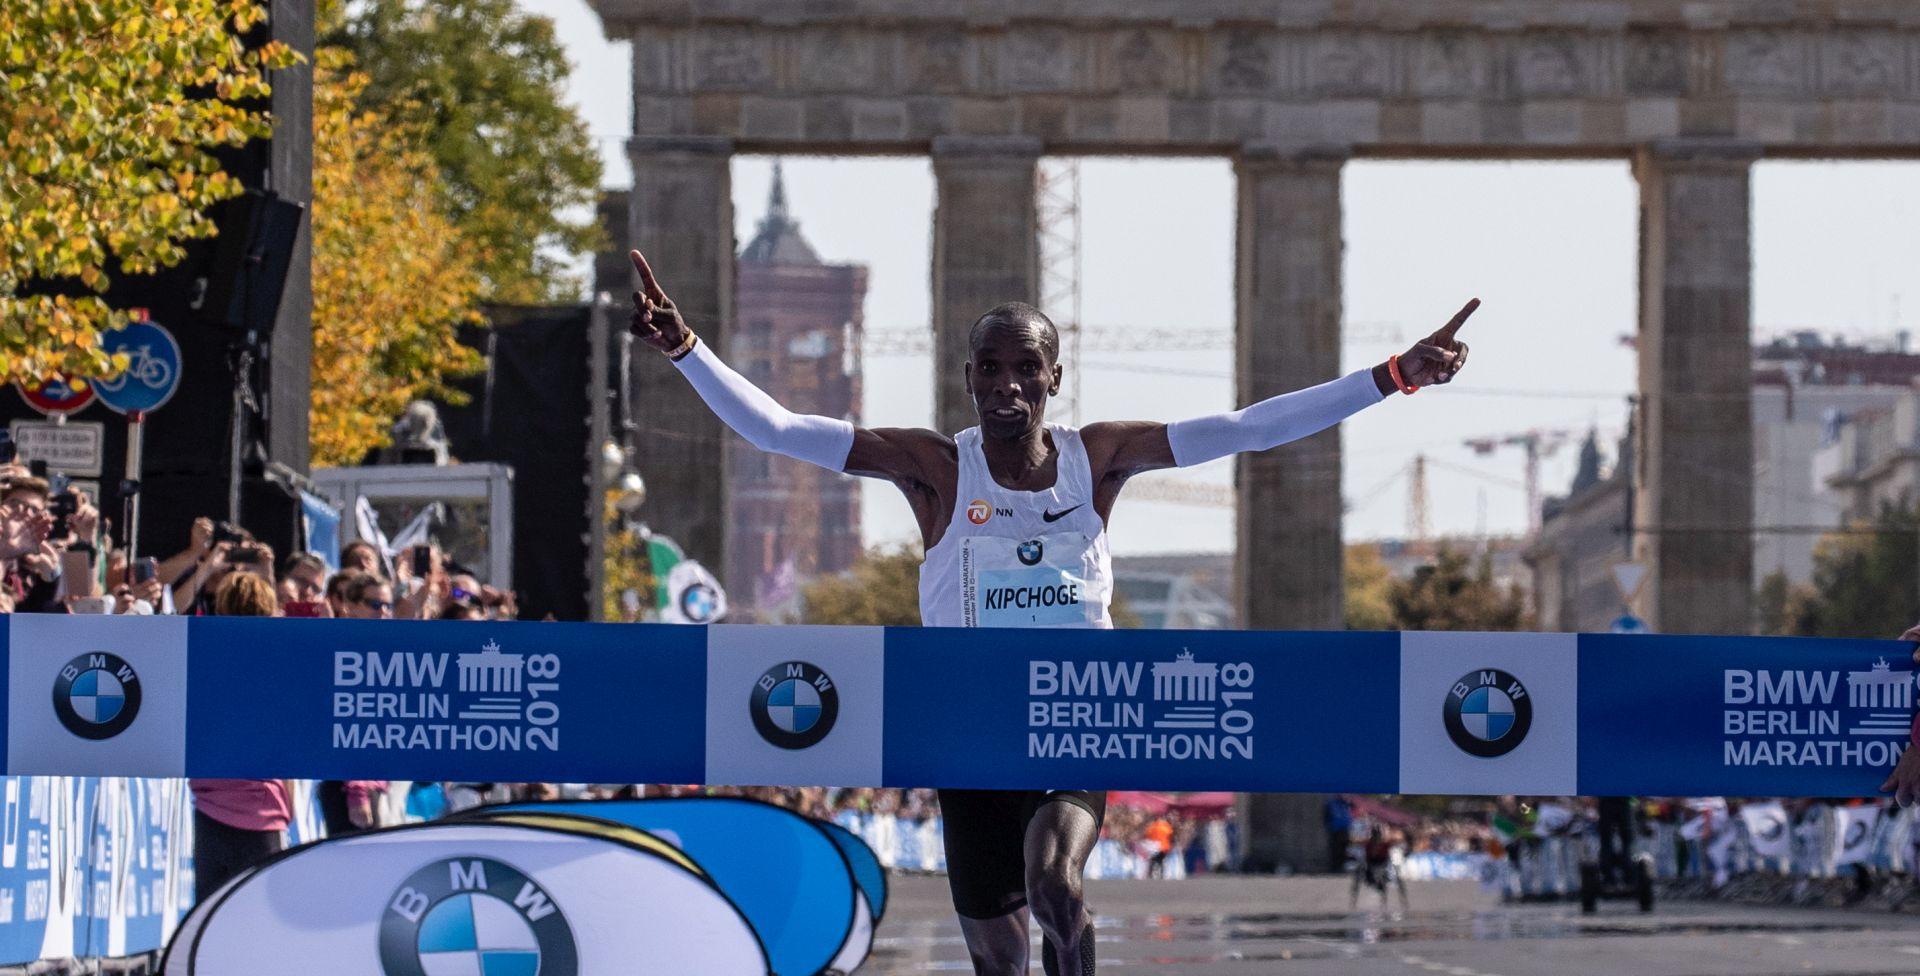 Kipchoge postavio novi svjetski rekord u maratonu